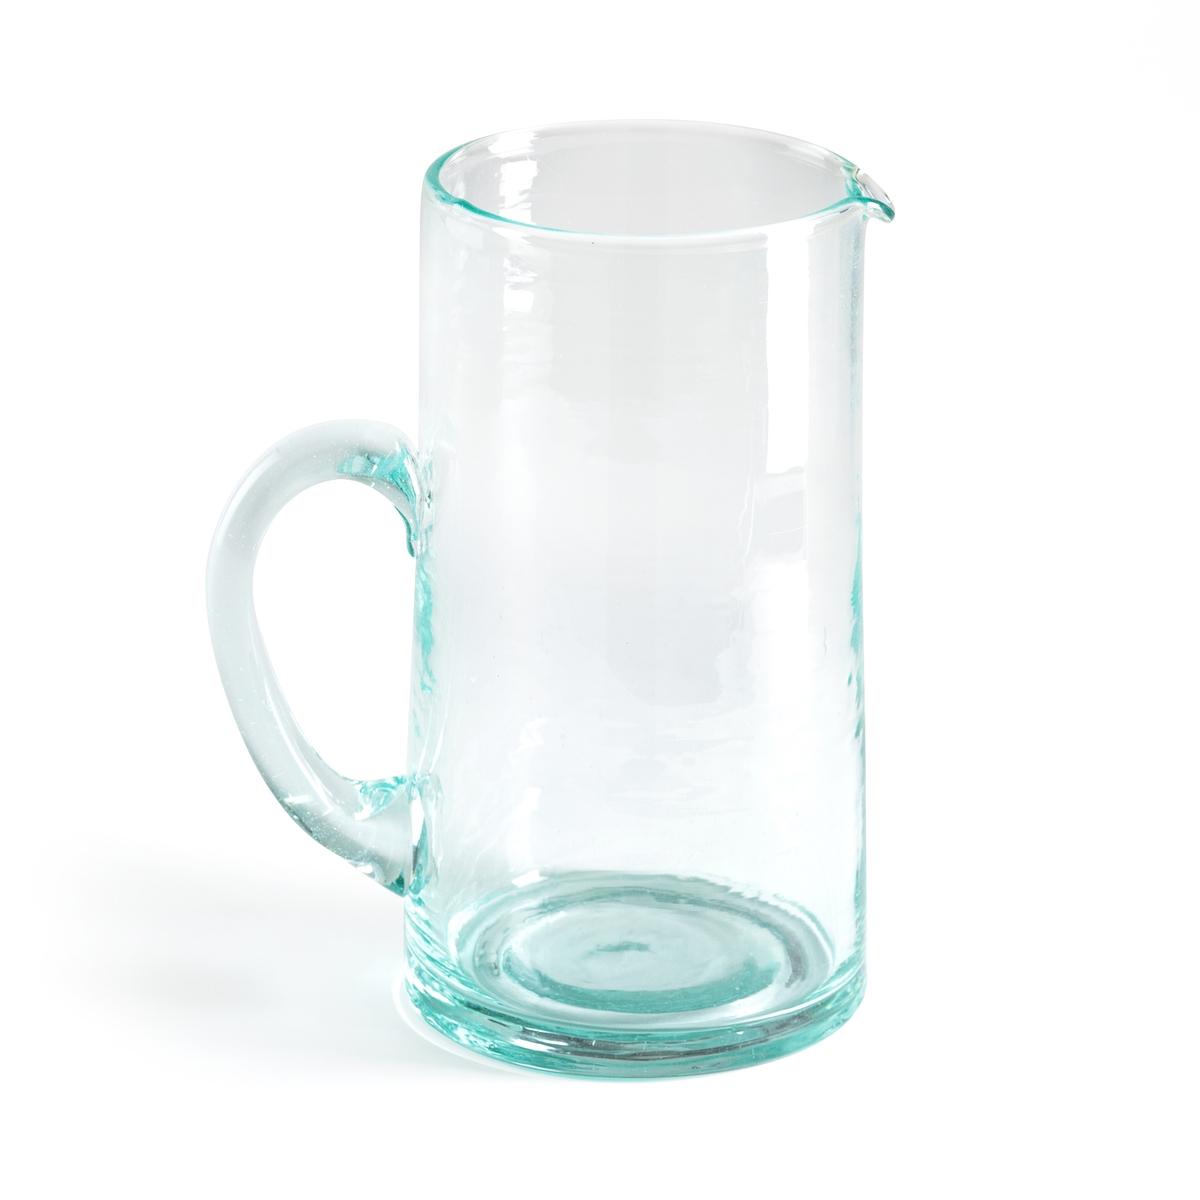 Графин ручного производства из стекла, изготовленный с помощью техники выдувания. GimaniГрафин Gimani. Изготовлена с помощью техники выдувания, из переработанного стекла. Благодаря технике стеклодувов каждое изделие уникально. Размеры: ? верха 9, ? низа 10 x В19 см. Емкость 1000 мл. Подходит для мытья в посудомоечной машине и использования в микроволновой печи. Стаканы того же комплекта представлены на нашем сайте.<br><br>Цвет: прозрачный